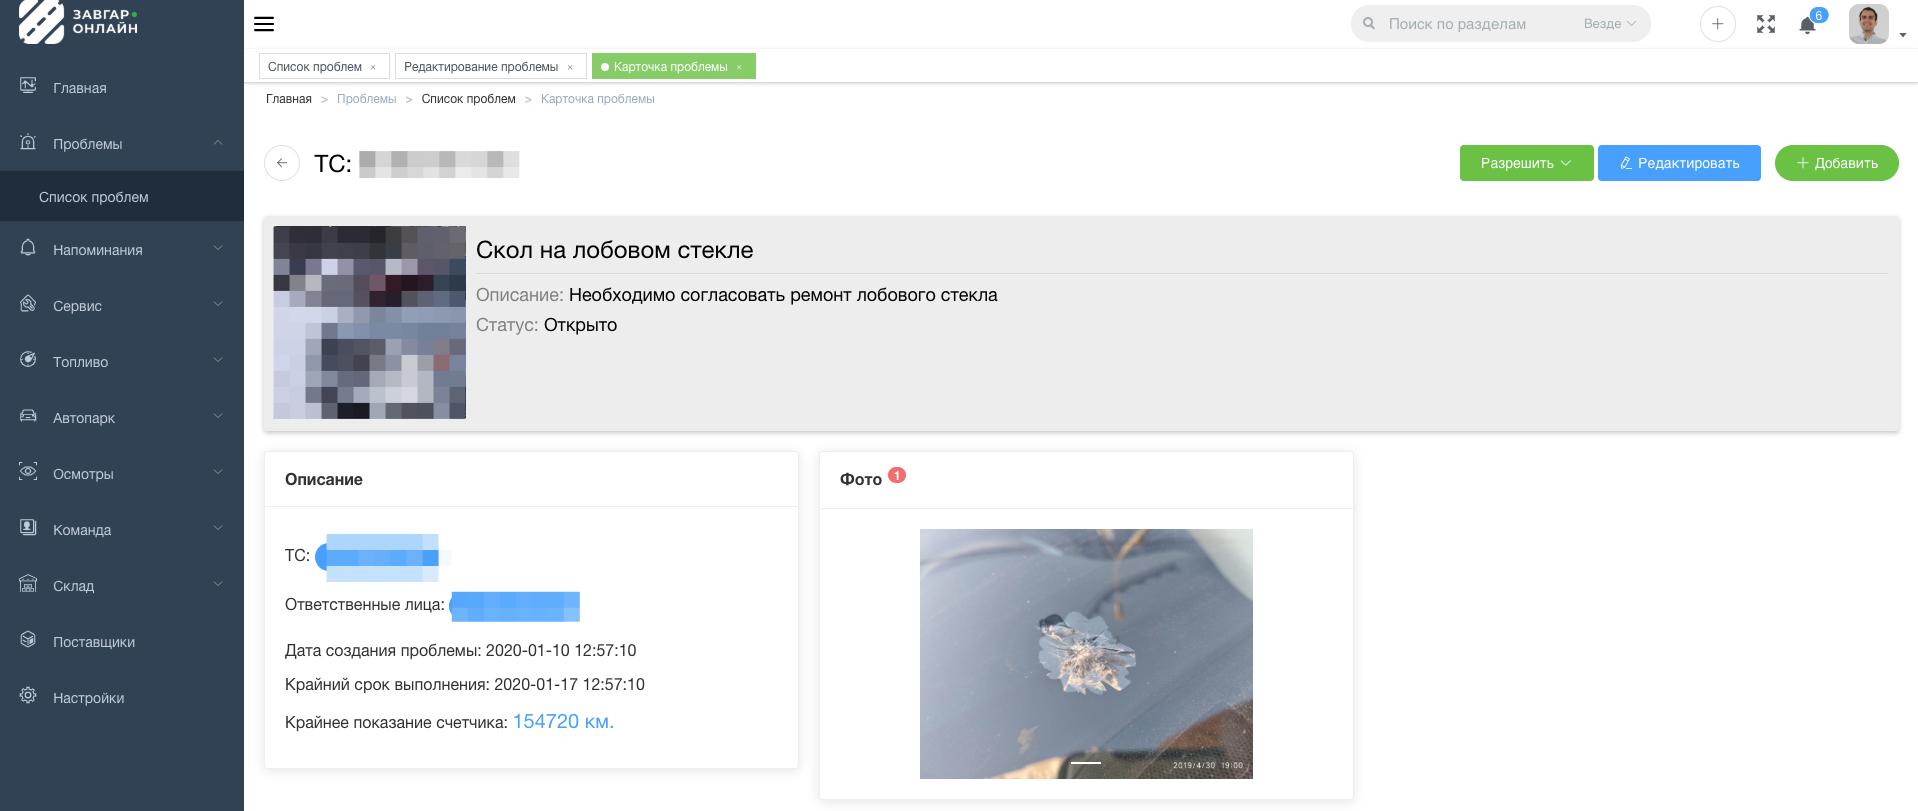 """Открытая карточка проблемы в системе """"Завгар Онлайн"""""""